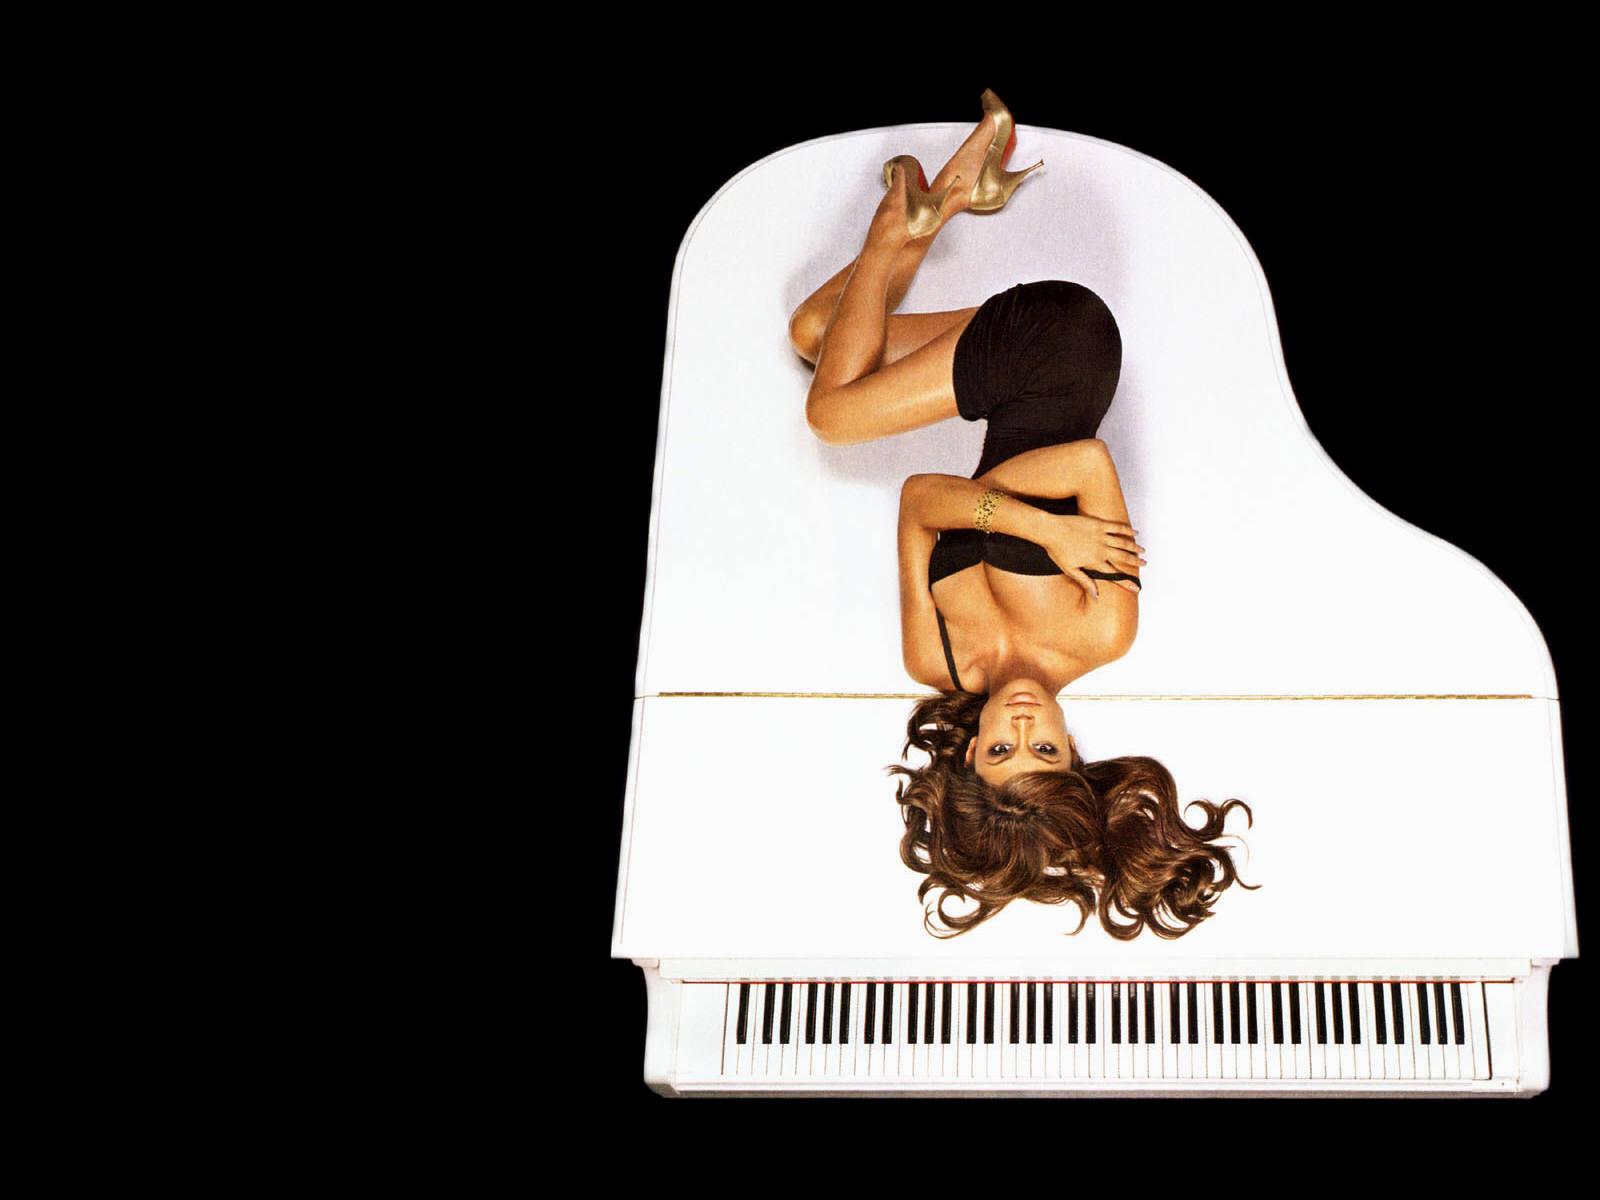 fond d 39 ecran vanessa minnillo sur un piano wallpaper. Black Bedroom Furniture Sets. Home Design Ideas